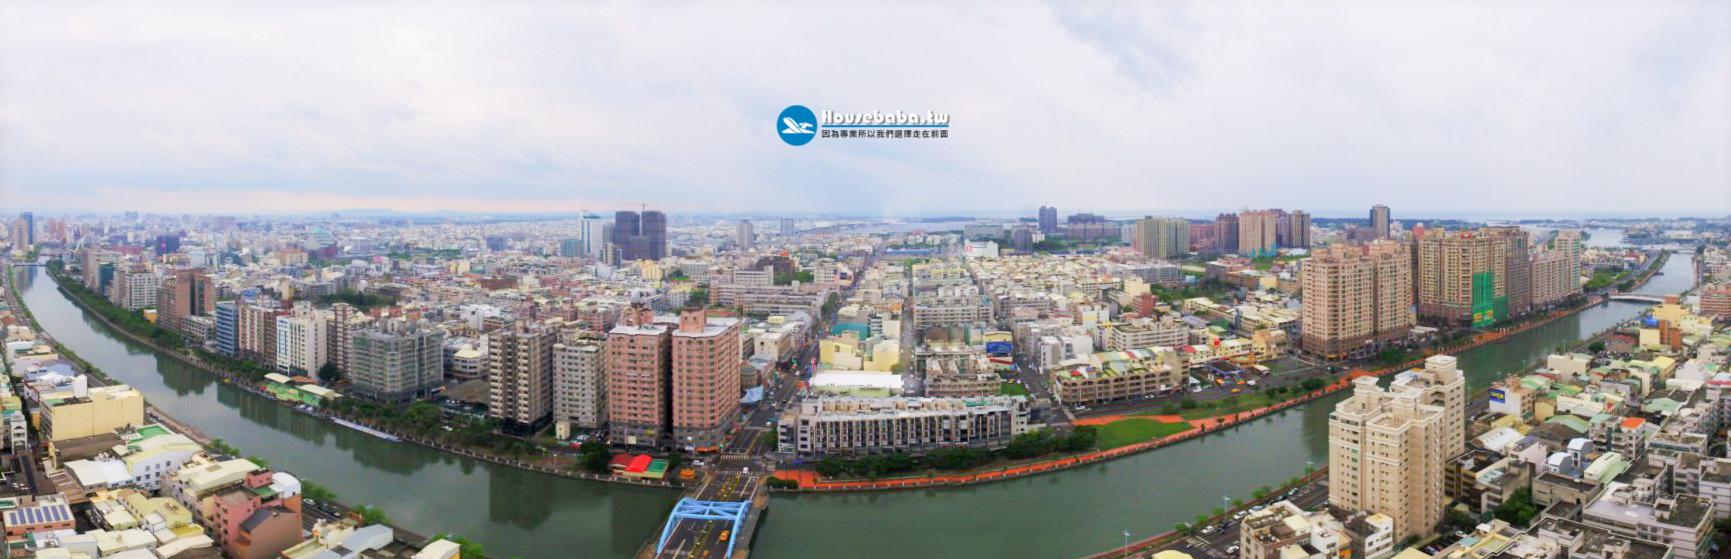 台南要重新站起,中西區要先復興。中國城、海安路府城新軸帶計畫、鐵路地下化、臺南公園永續再生計畫報告